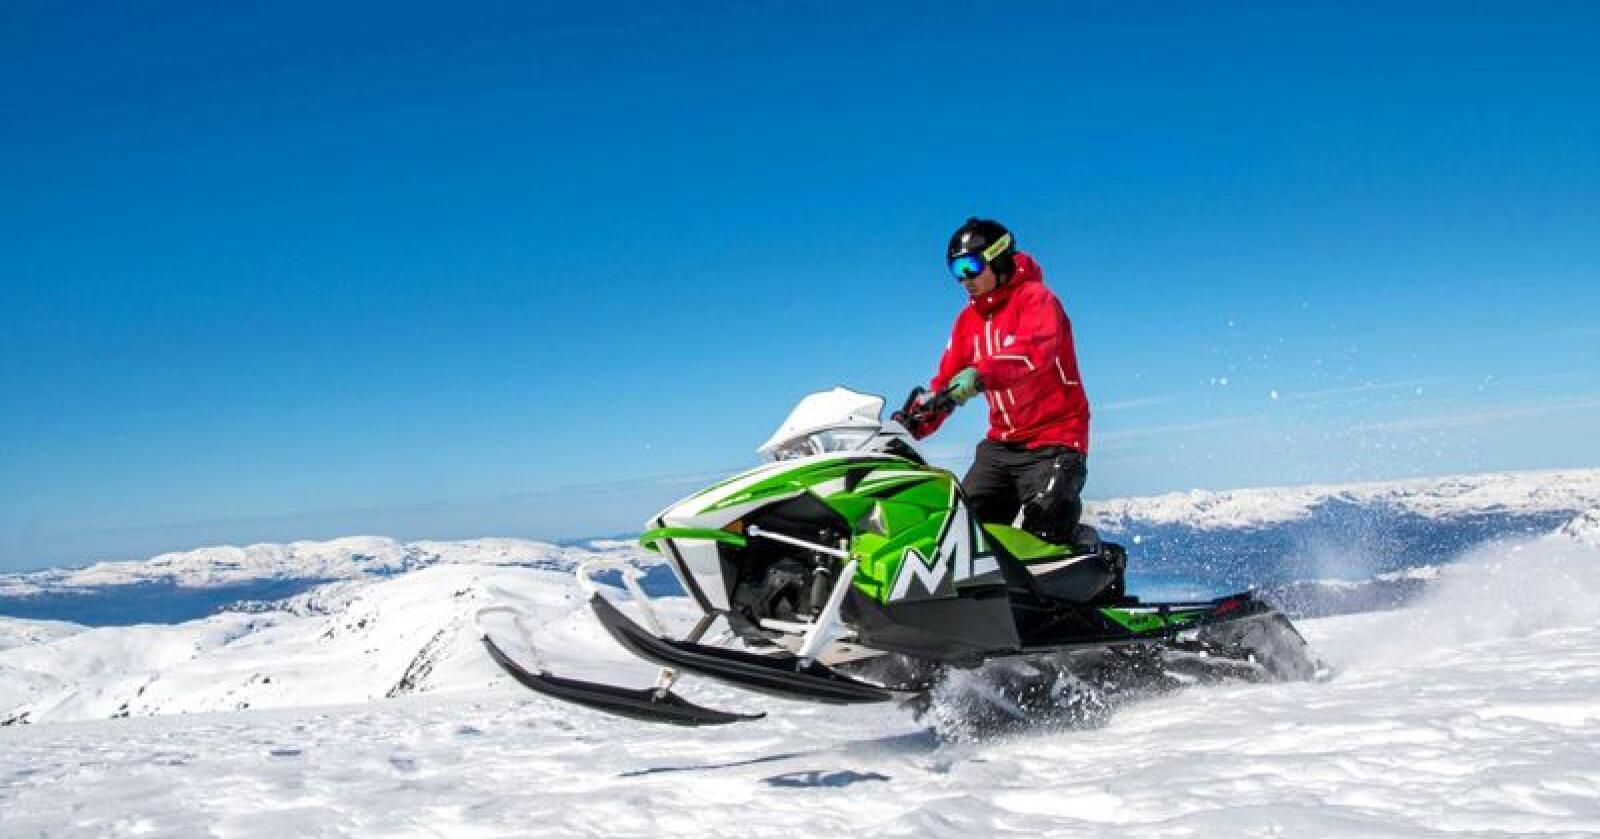 85.000 snøskutere: Norge har rundt 85.000 registrerte snøskutere. Kjøring med snøskuter er en allminnelig transportform vinterstid i store deler av landet – med påska som høysesong. Her fra snøskuterkurs for ungdommer der sikkerhet og trygg ferdsel står i fokus. Foto: Norsk Friluftsliv